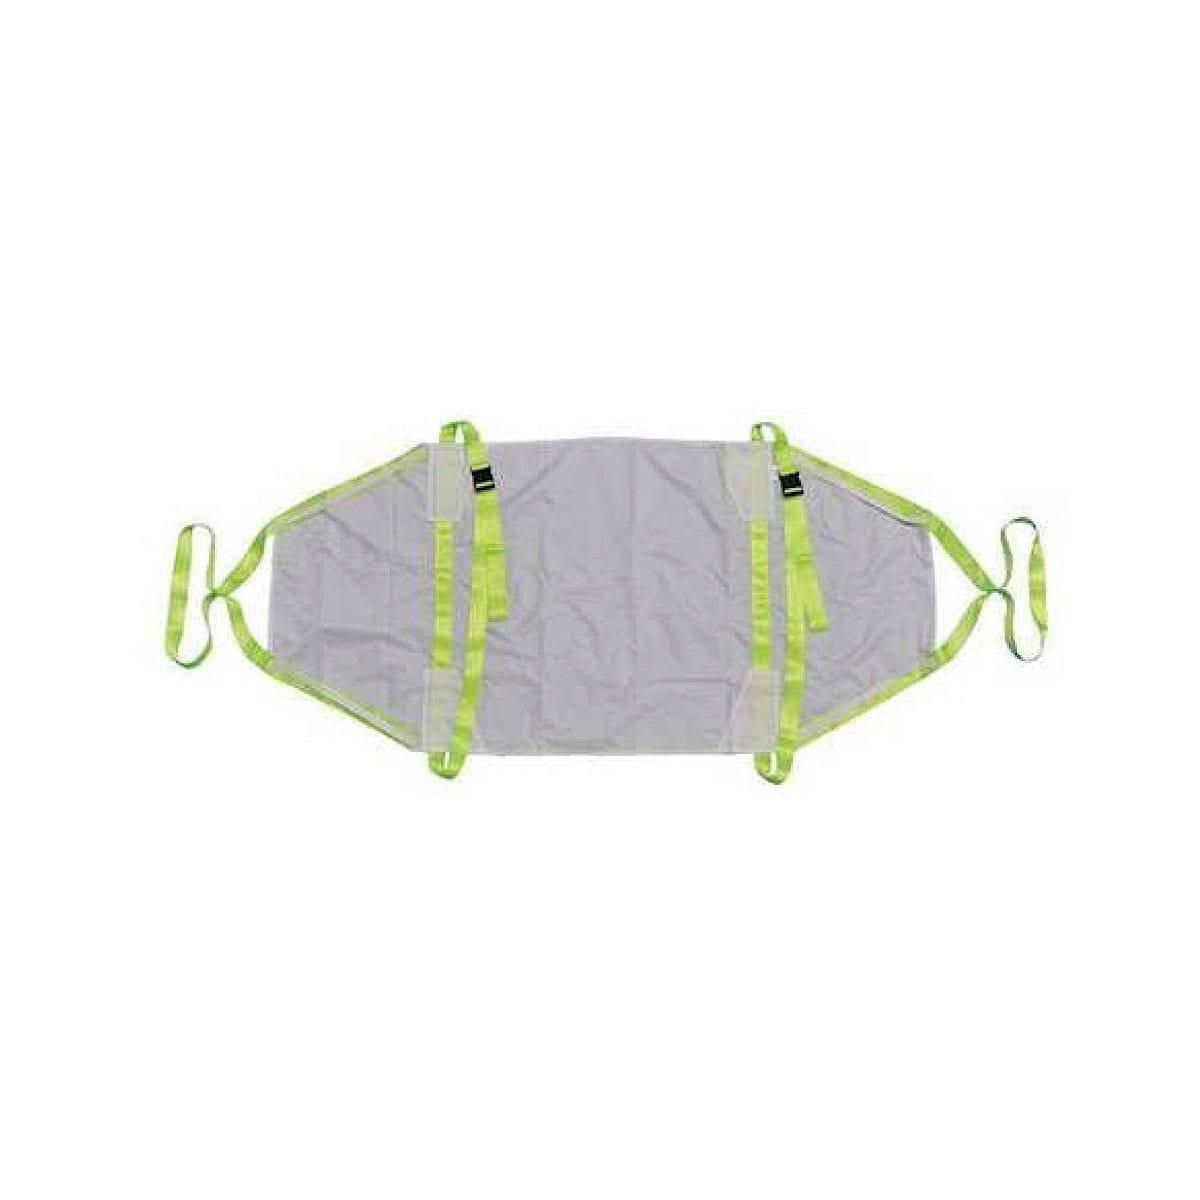 Evac+Chair Rescue Sheet